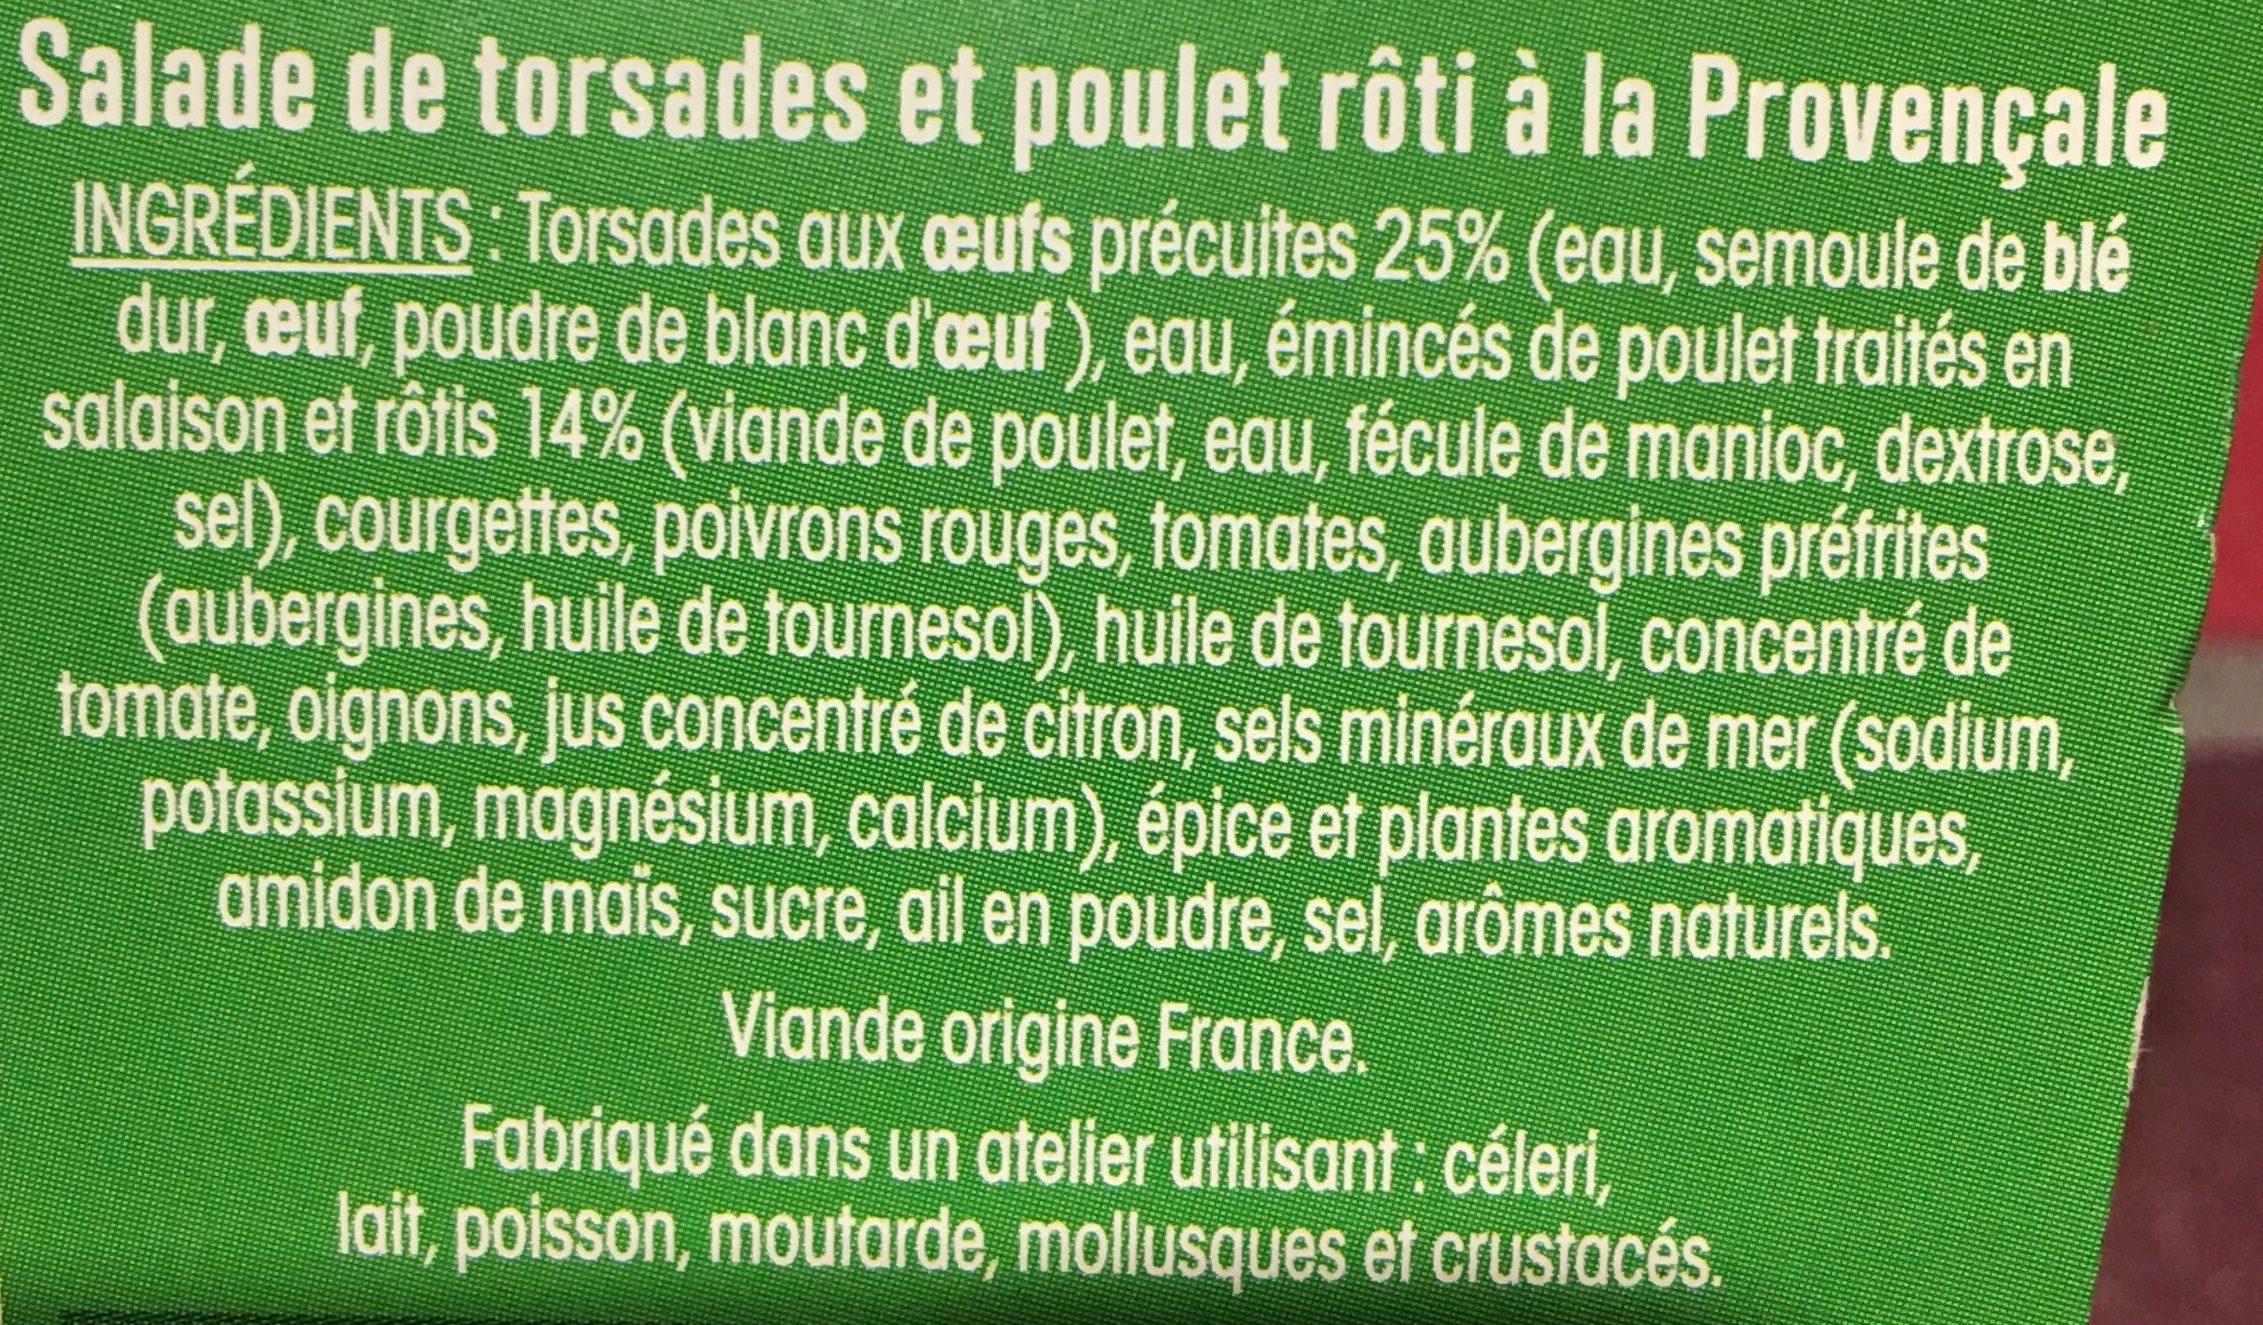 Ma salade repas Provençale - Ingredients - fr